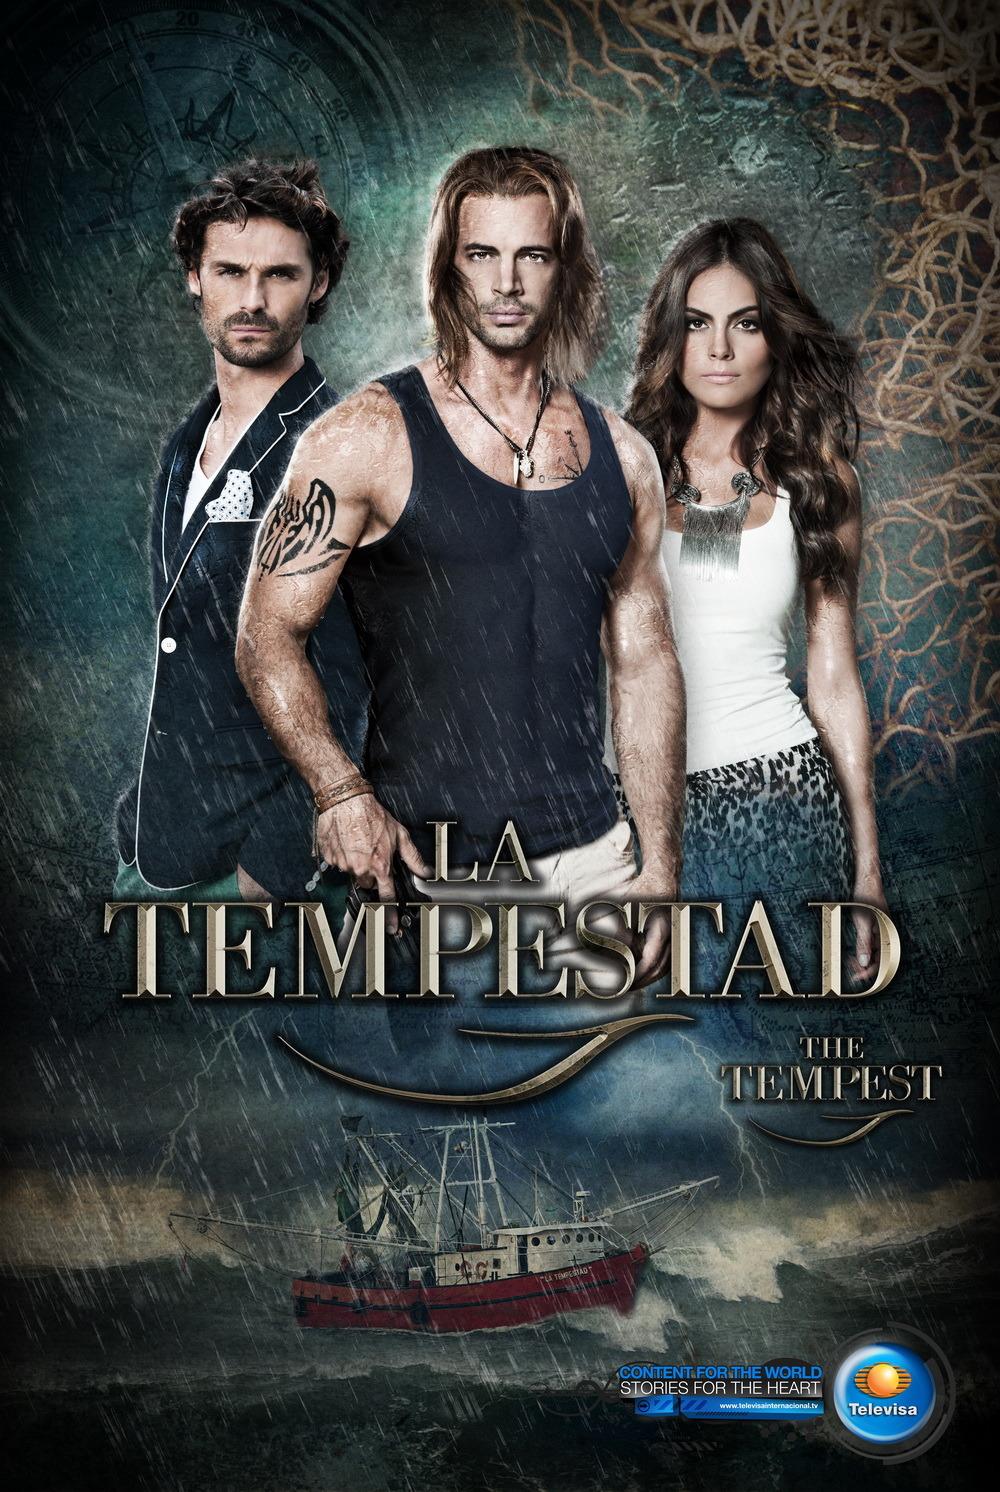 შევაფასოთ სერიალები! - Page 6 La_tempestad_002